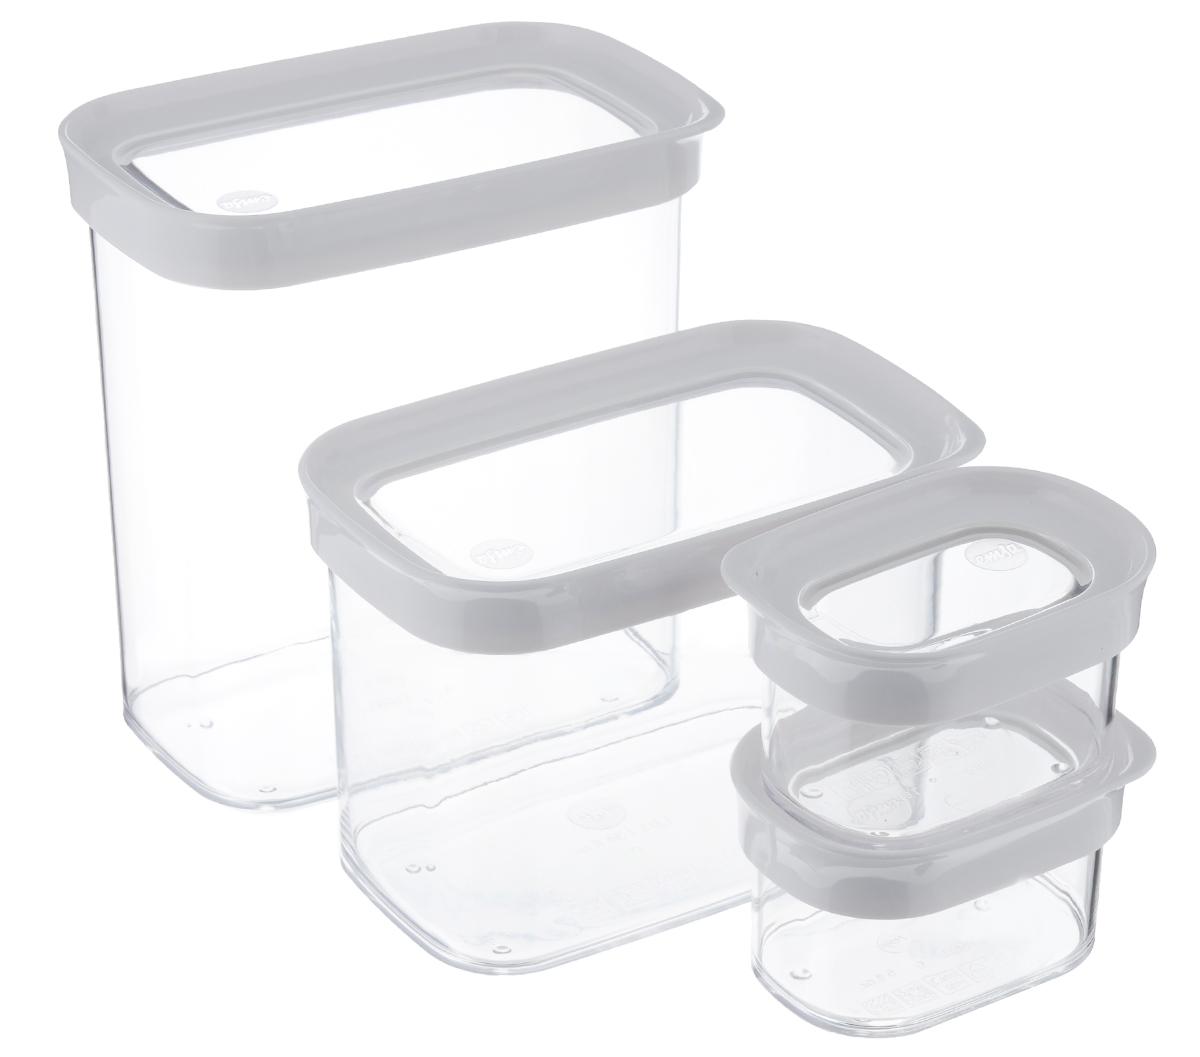 Набор контейнеров для сыпучих продуктов Emsa Optima, 4 шт513564Набор Emsa Optima состоит из четырех контейнеров для сыпучих продуктов, имеющих разный объем. Изделия выполнены из высококачественного пищевого пластика. Стенки прозрачные, что позволяет видеть содержимое, это очень удобно и практично. Специальные крышки плотно закрываются, предотвращая попадание влаги. Контейнеры объемом 180 мл идеальны для хранения сахарной посыпки, приправ или сушеной зелени; контейнер 1 л идеально подходит для риса или овсяных хлопьев; в емкость 1,6 л можно насыпать сахар, муку, кофе или макароны. Такой набор контейнеров - идеальный вариант для поддержания порядка на кухне. Можно мыть в посудомоечной машине. Объем контейнеров: 0,18 л, 0,18 л, 1 л, 1,6 л. Размер контейнеров: 10 см х 7 см х 6 см; 10 см х 7 см х 6 см; 16 см х 10 см х 12 см; 16 см х 10 см х 17 см.